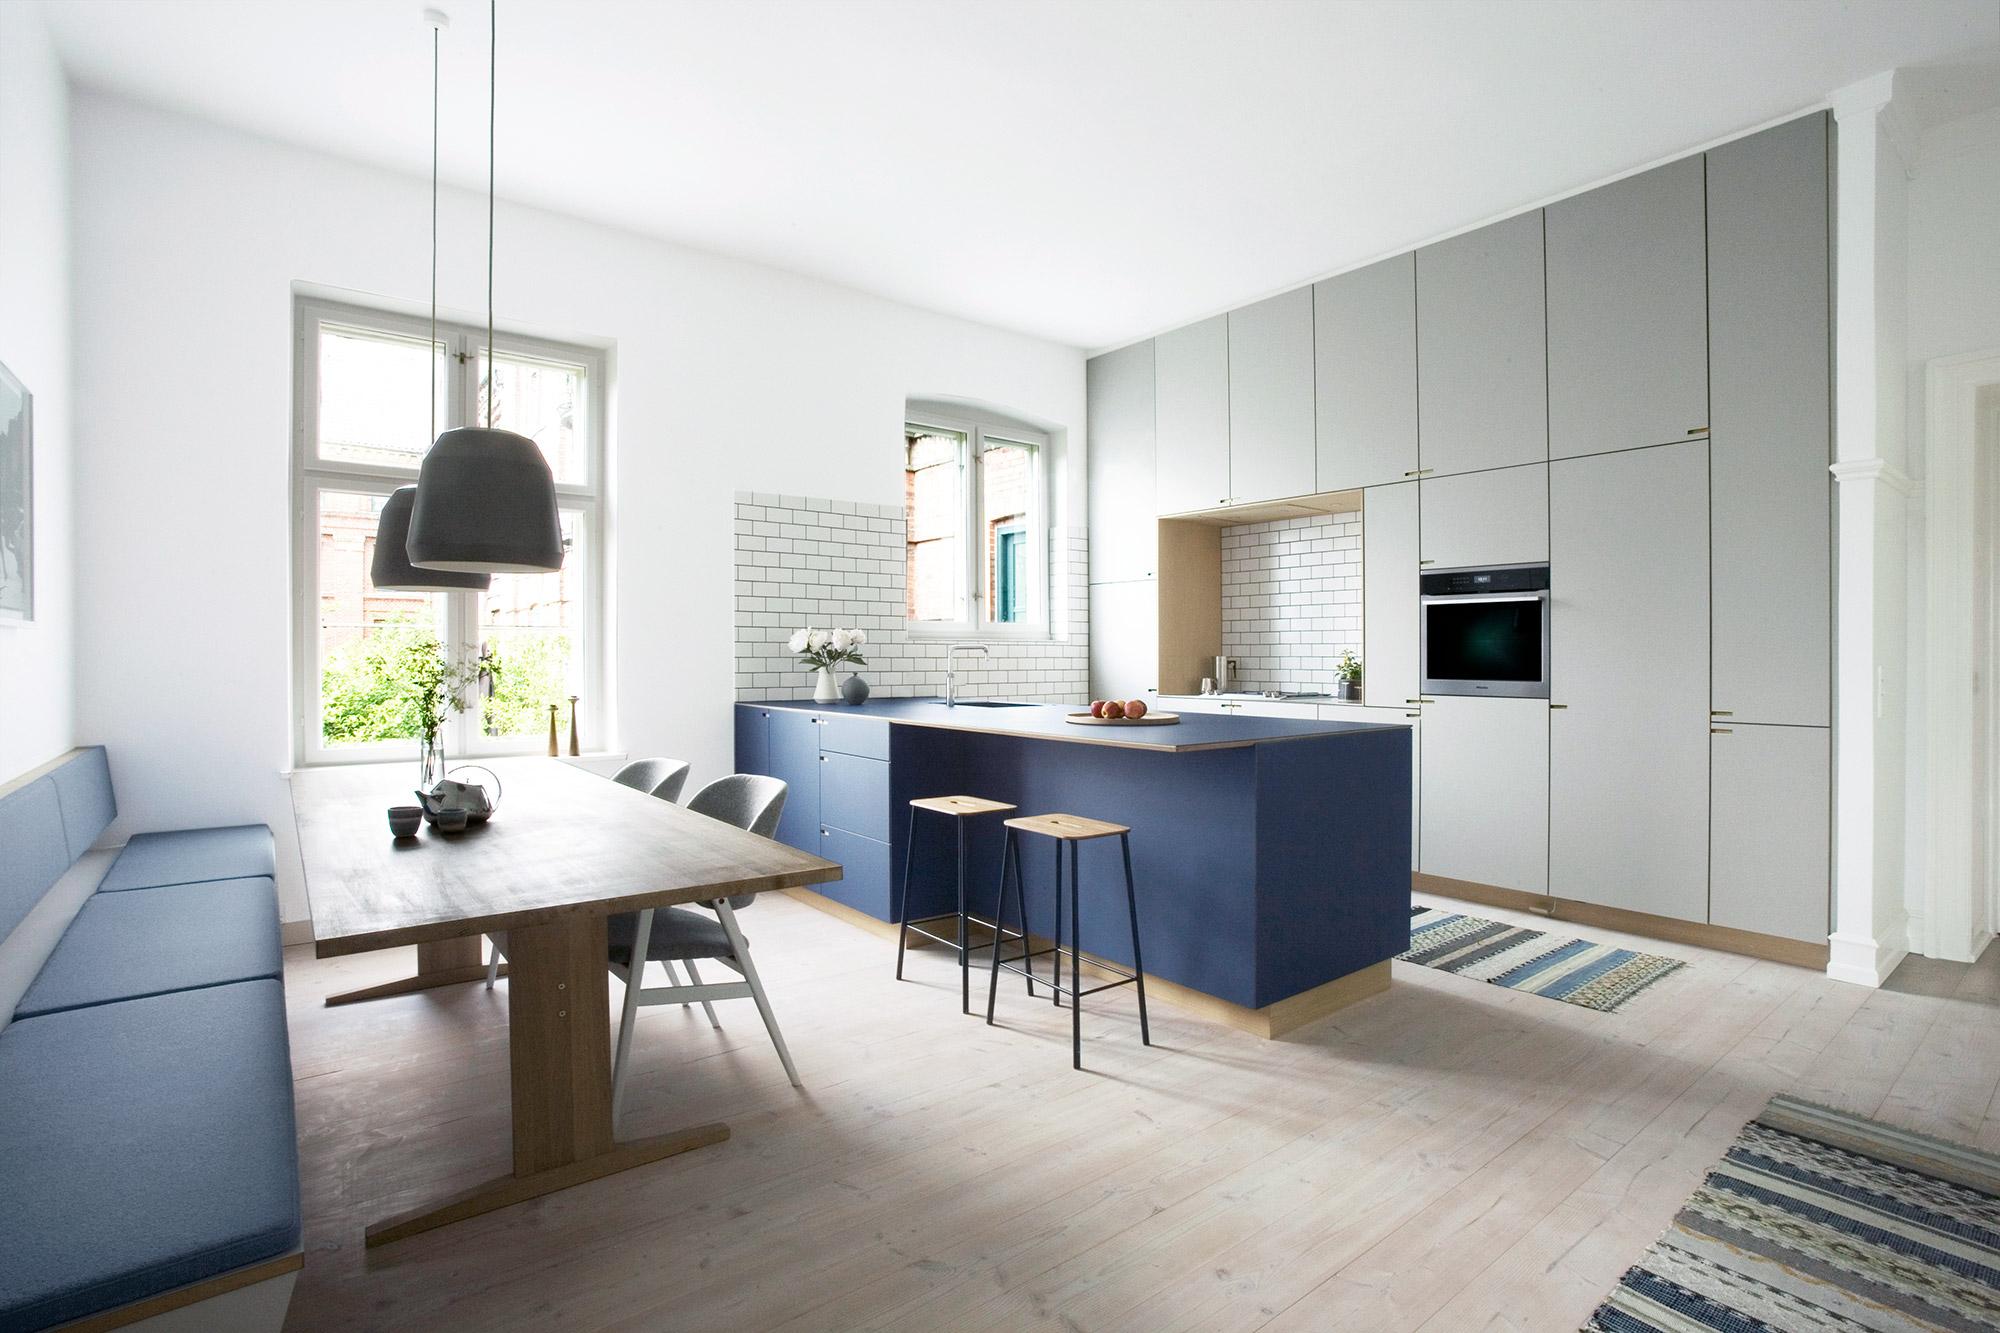 Overblik over snedkerkøkkenet på Rahbeks Allé, København - minimalistisk køkken af køkkensnedker Nicolaj Bo™